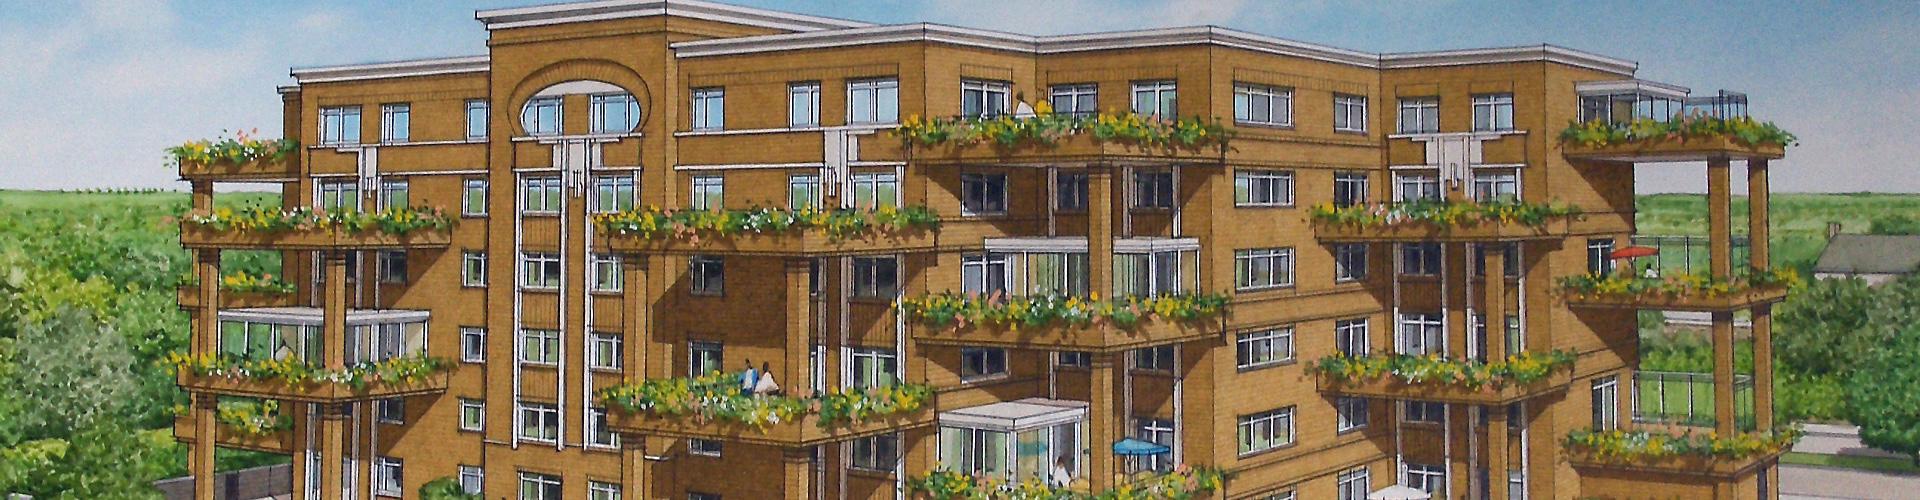 Bohebitat appartementen